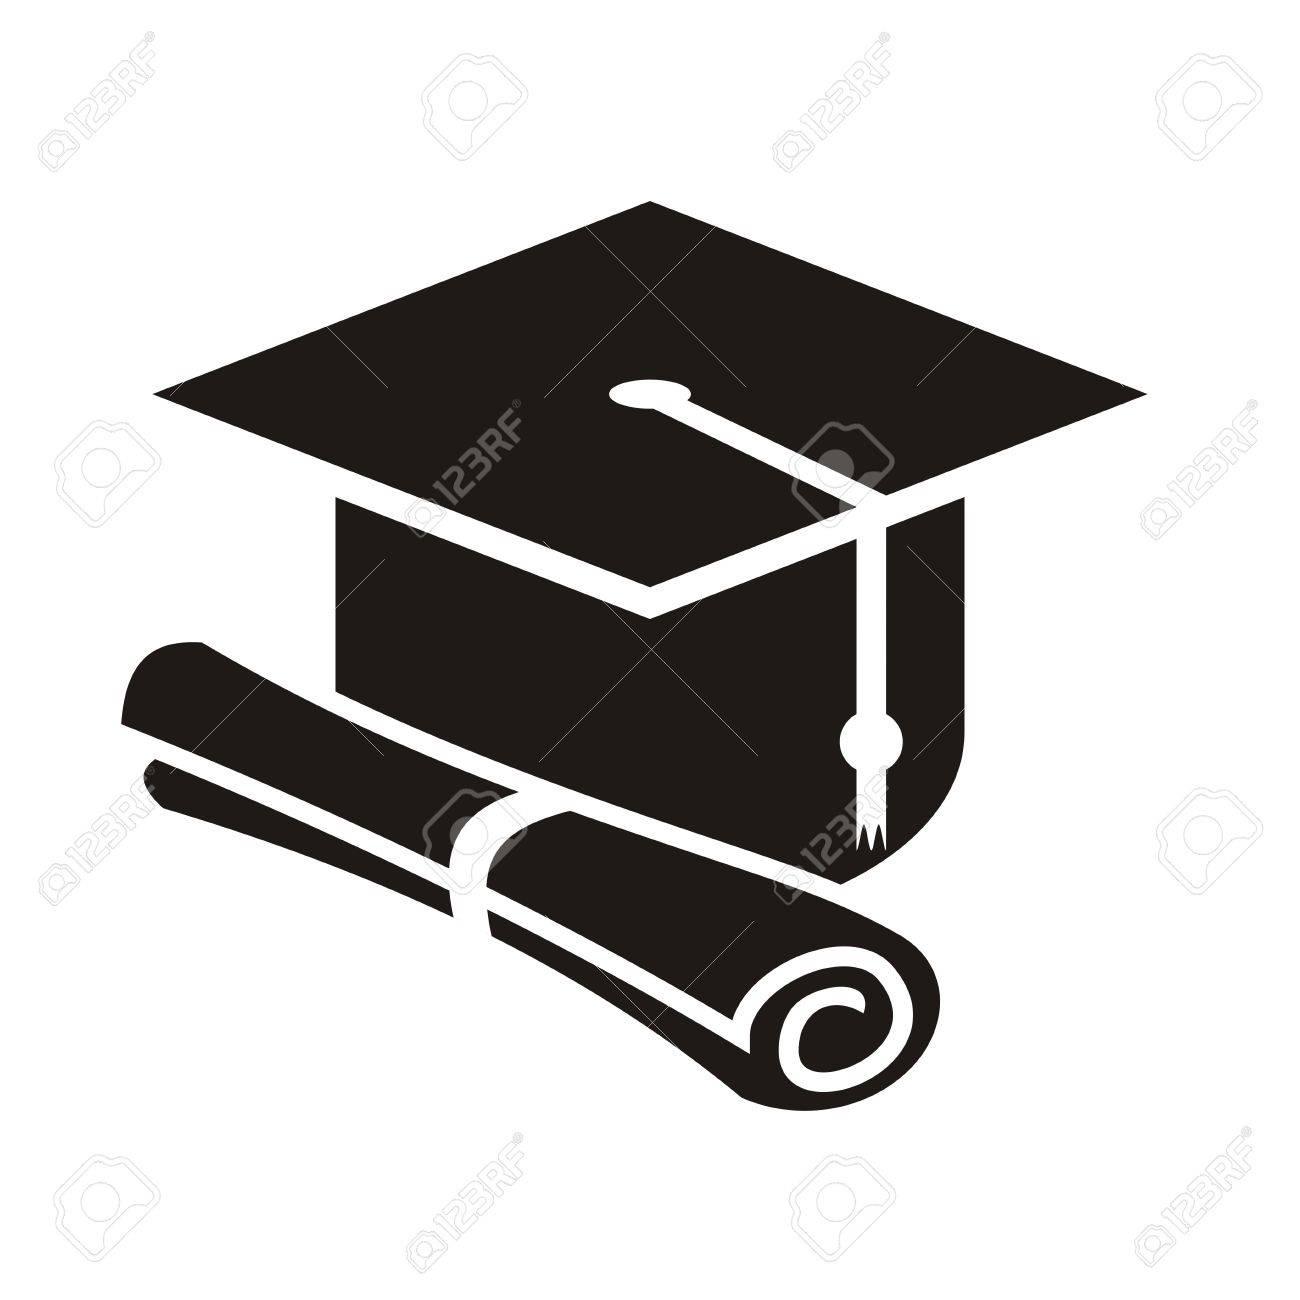 graduation cap - 38653022